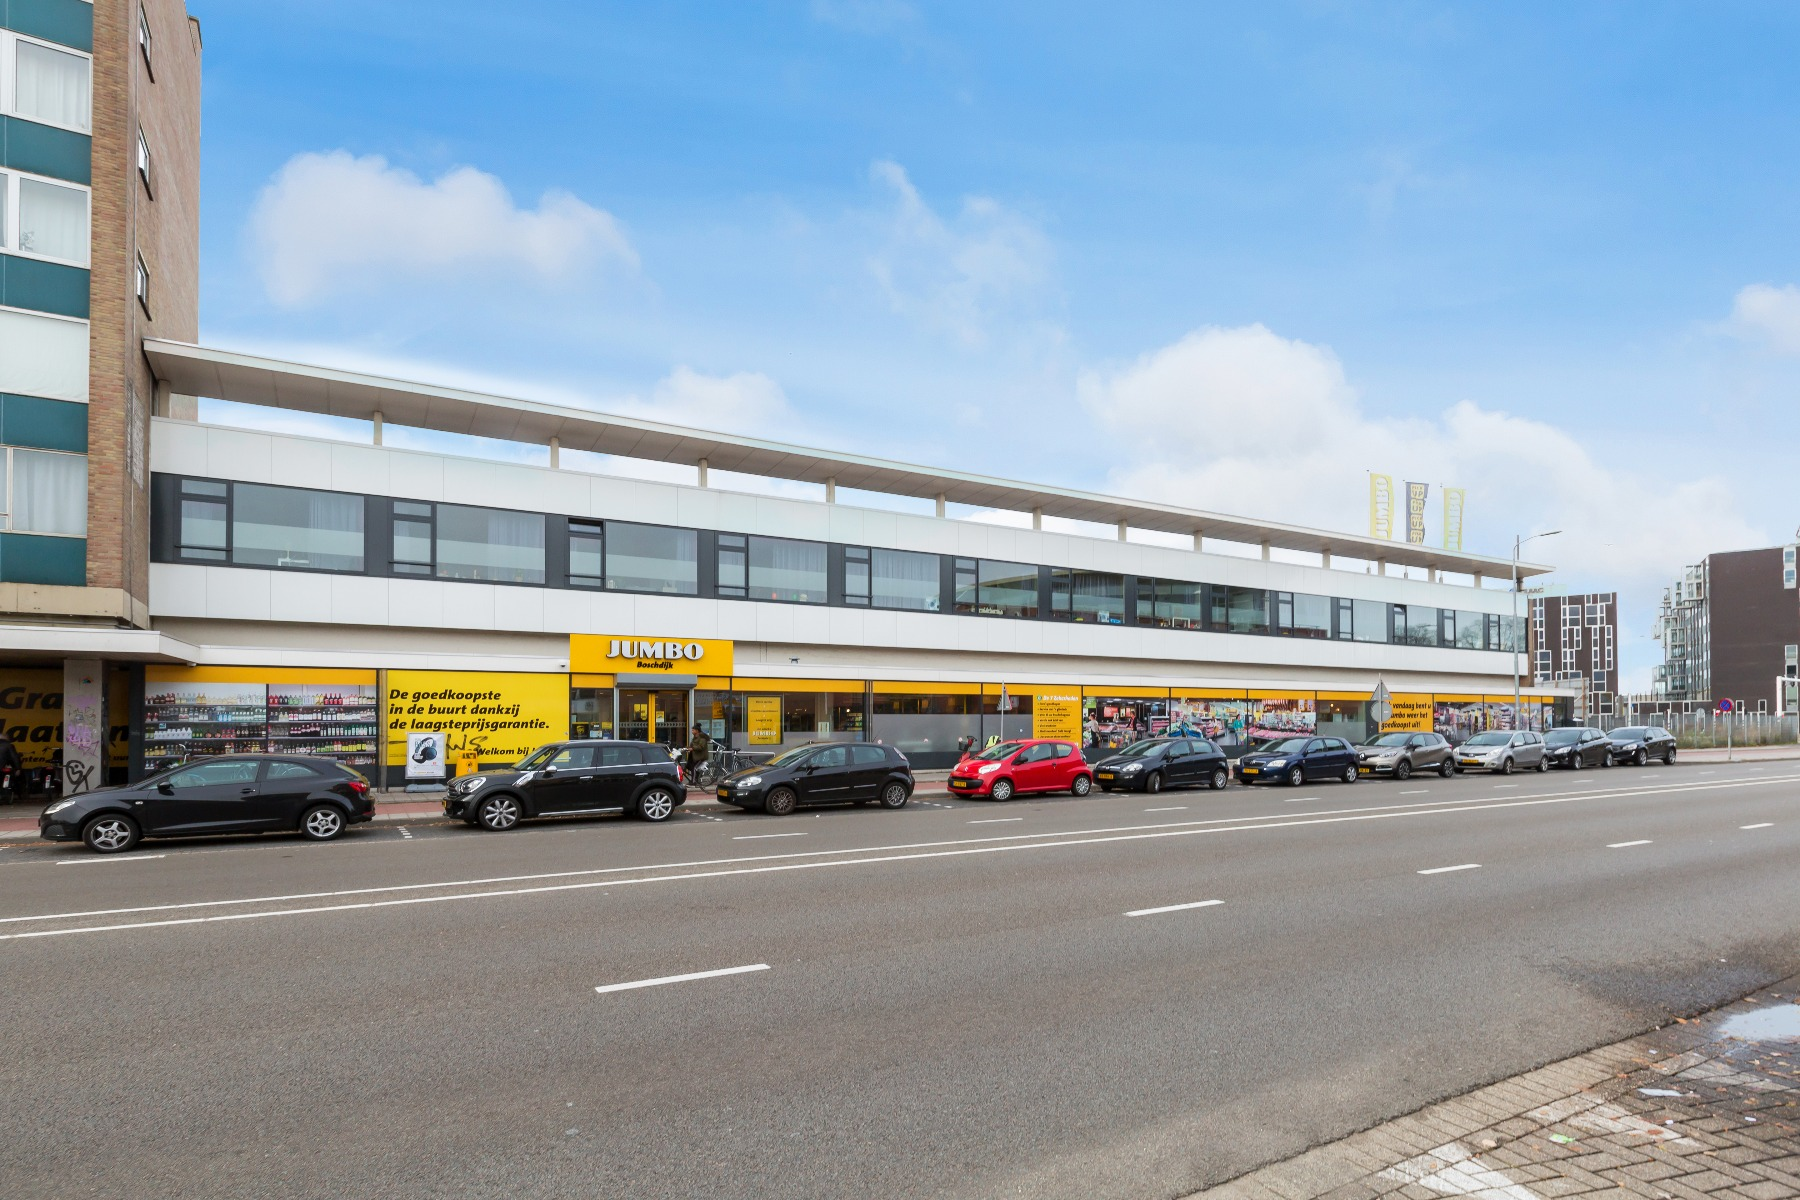 exterior building Jumbo Studios in Eindhoven